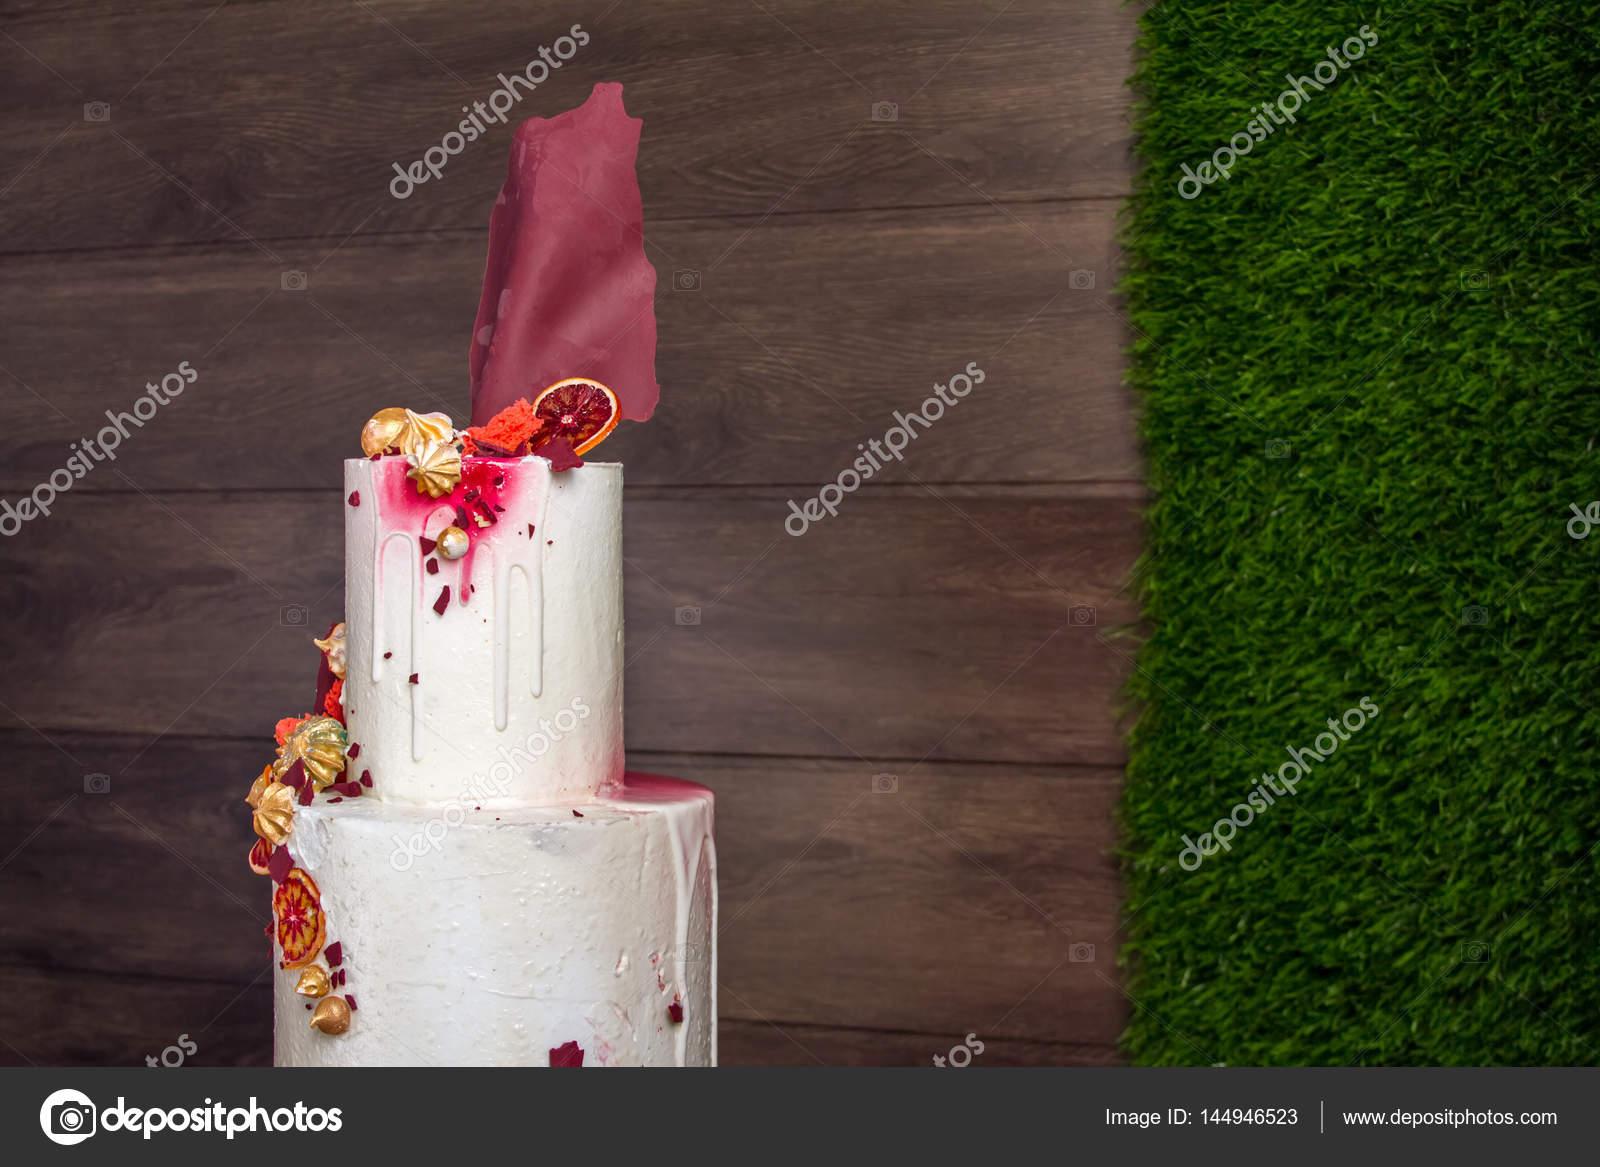 Cakes To Order Stock Photo Ramann 144946523